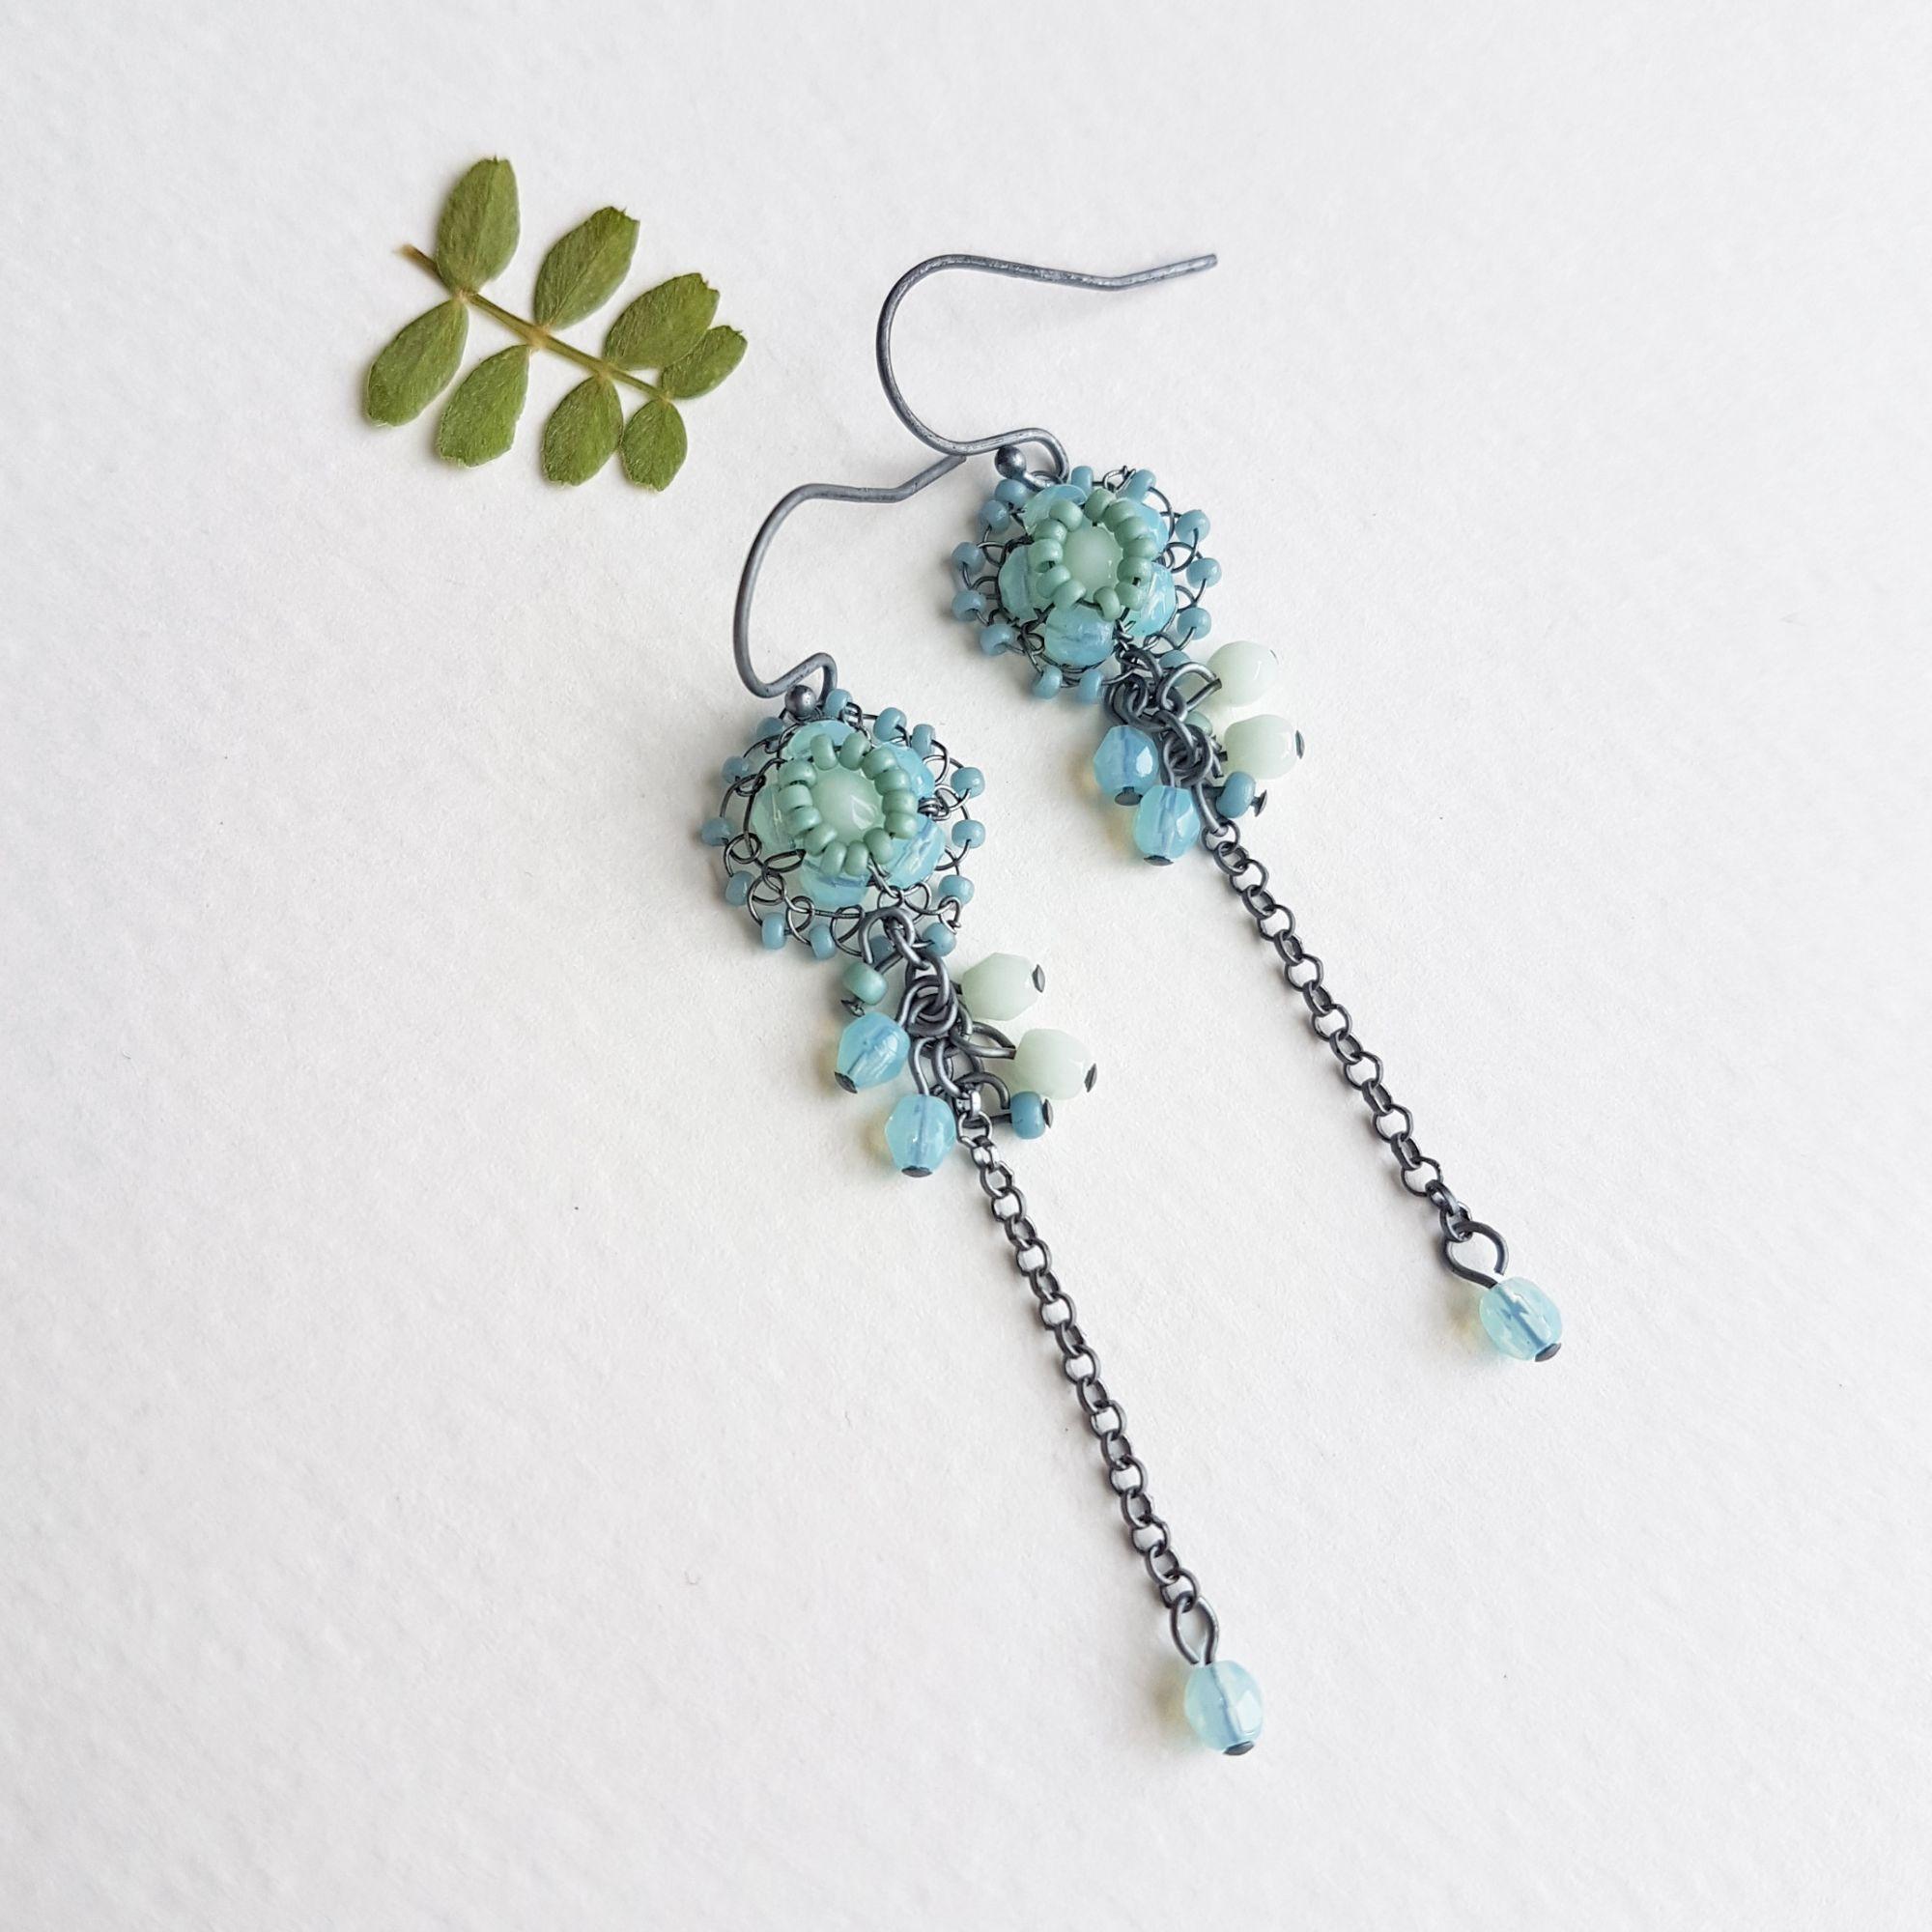 Flower earrings by Judith Brown Jewellery